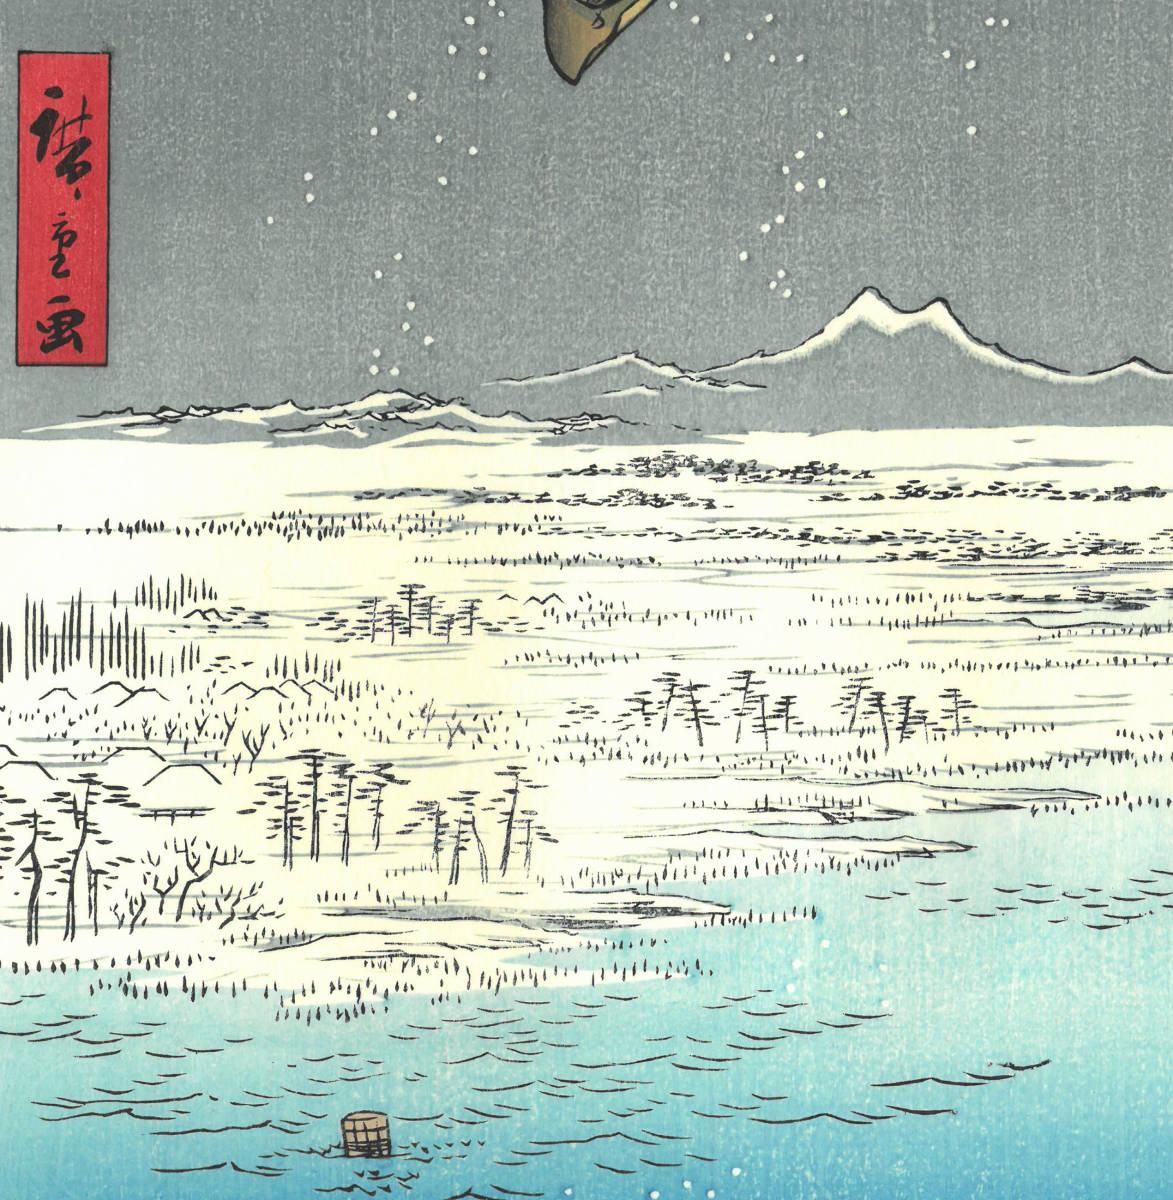 歌川広重 (Utagawa Hiroshige) 木版画 江戸百景 #108. 深川州崎十万坪  初版1856-58年頃  広重の木版画の真の素晴らしさをご堪能下さい! _画像9